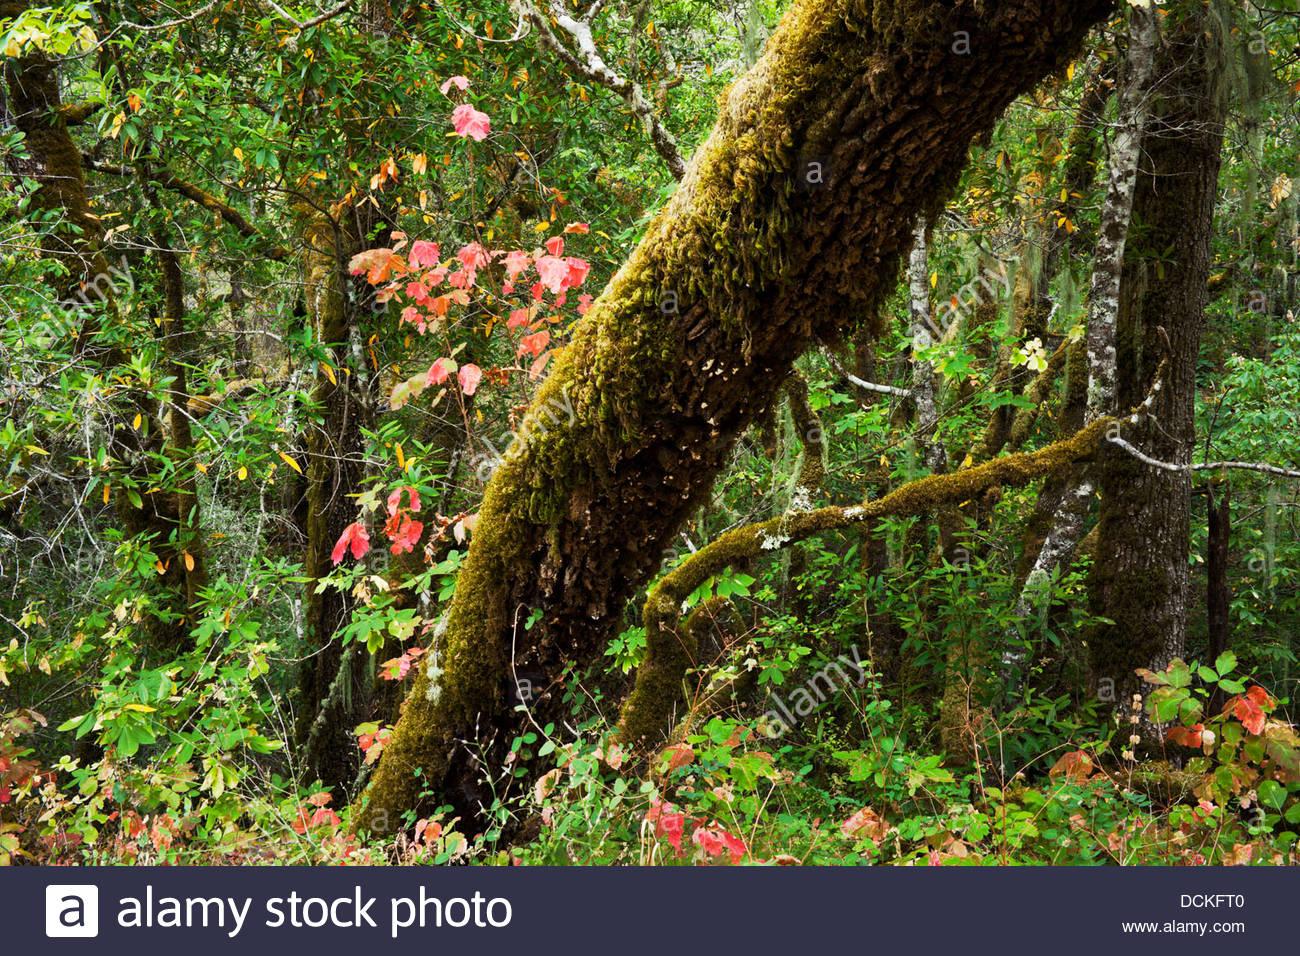 Poison Oak at Cascade Canyon Open Space Preserve, Fairfax, California - Stock Image